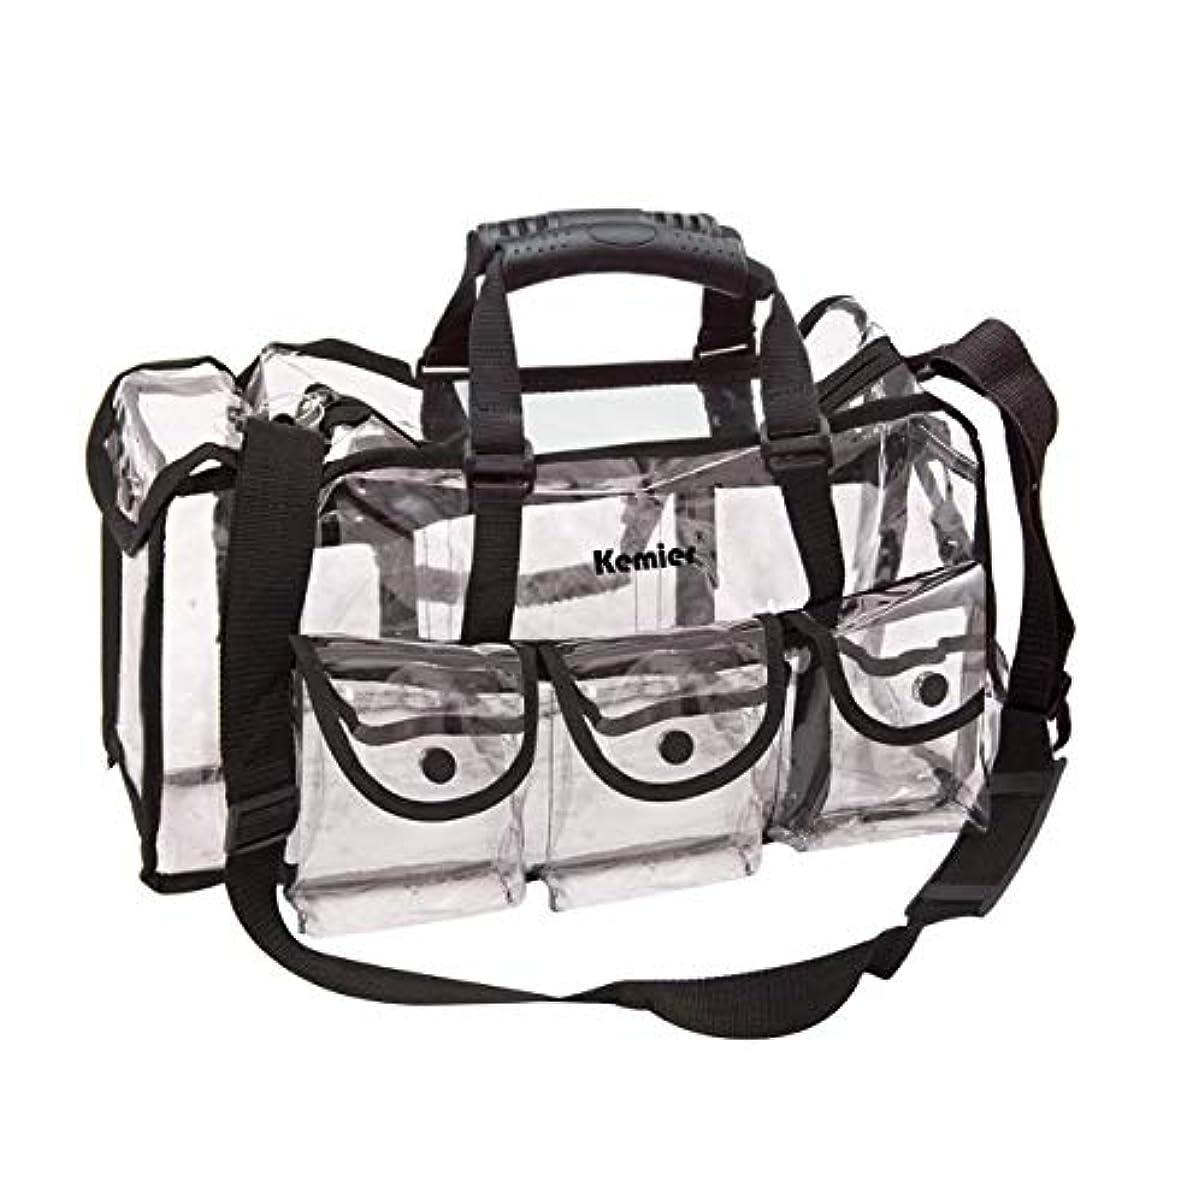 電話に出るドロー良さKemier 透明 ハンドバッグ 機能的 コスメポーチ メイクポーチ メイクケース 小物入れ 化粧道具 整理整頓 軽量 防水 旅行 小物入れ 6つの外側ポケット付き